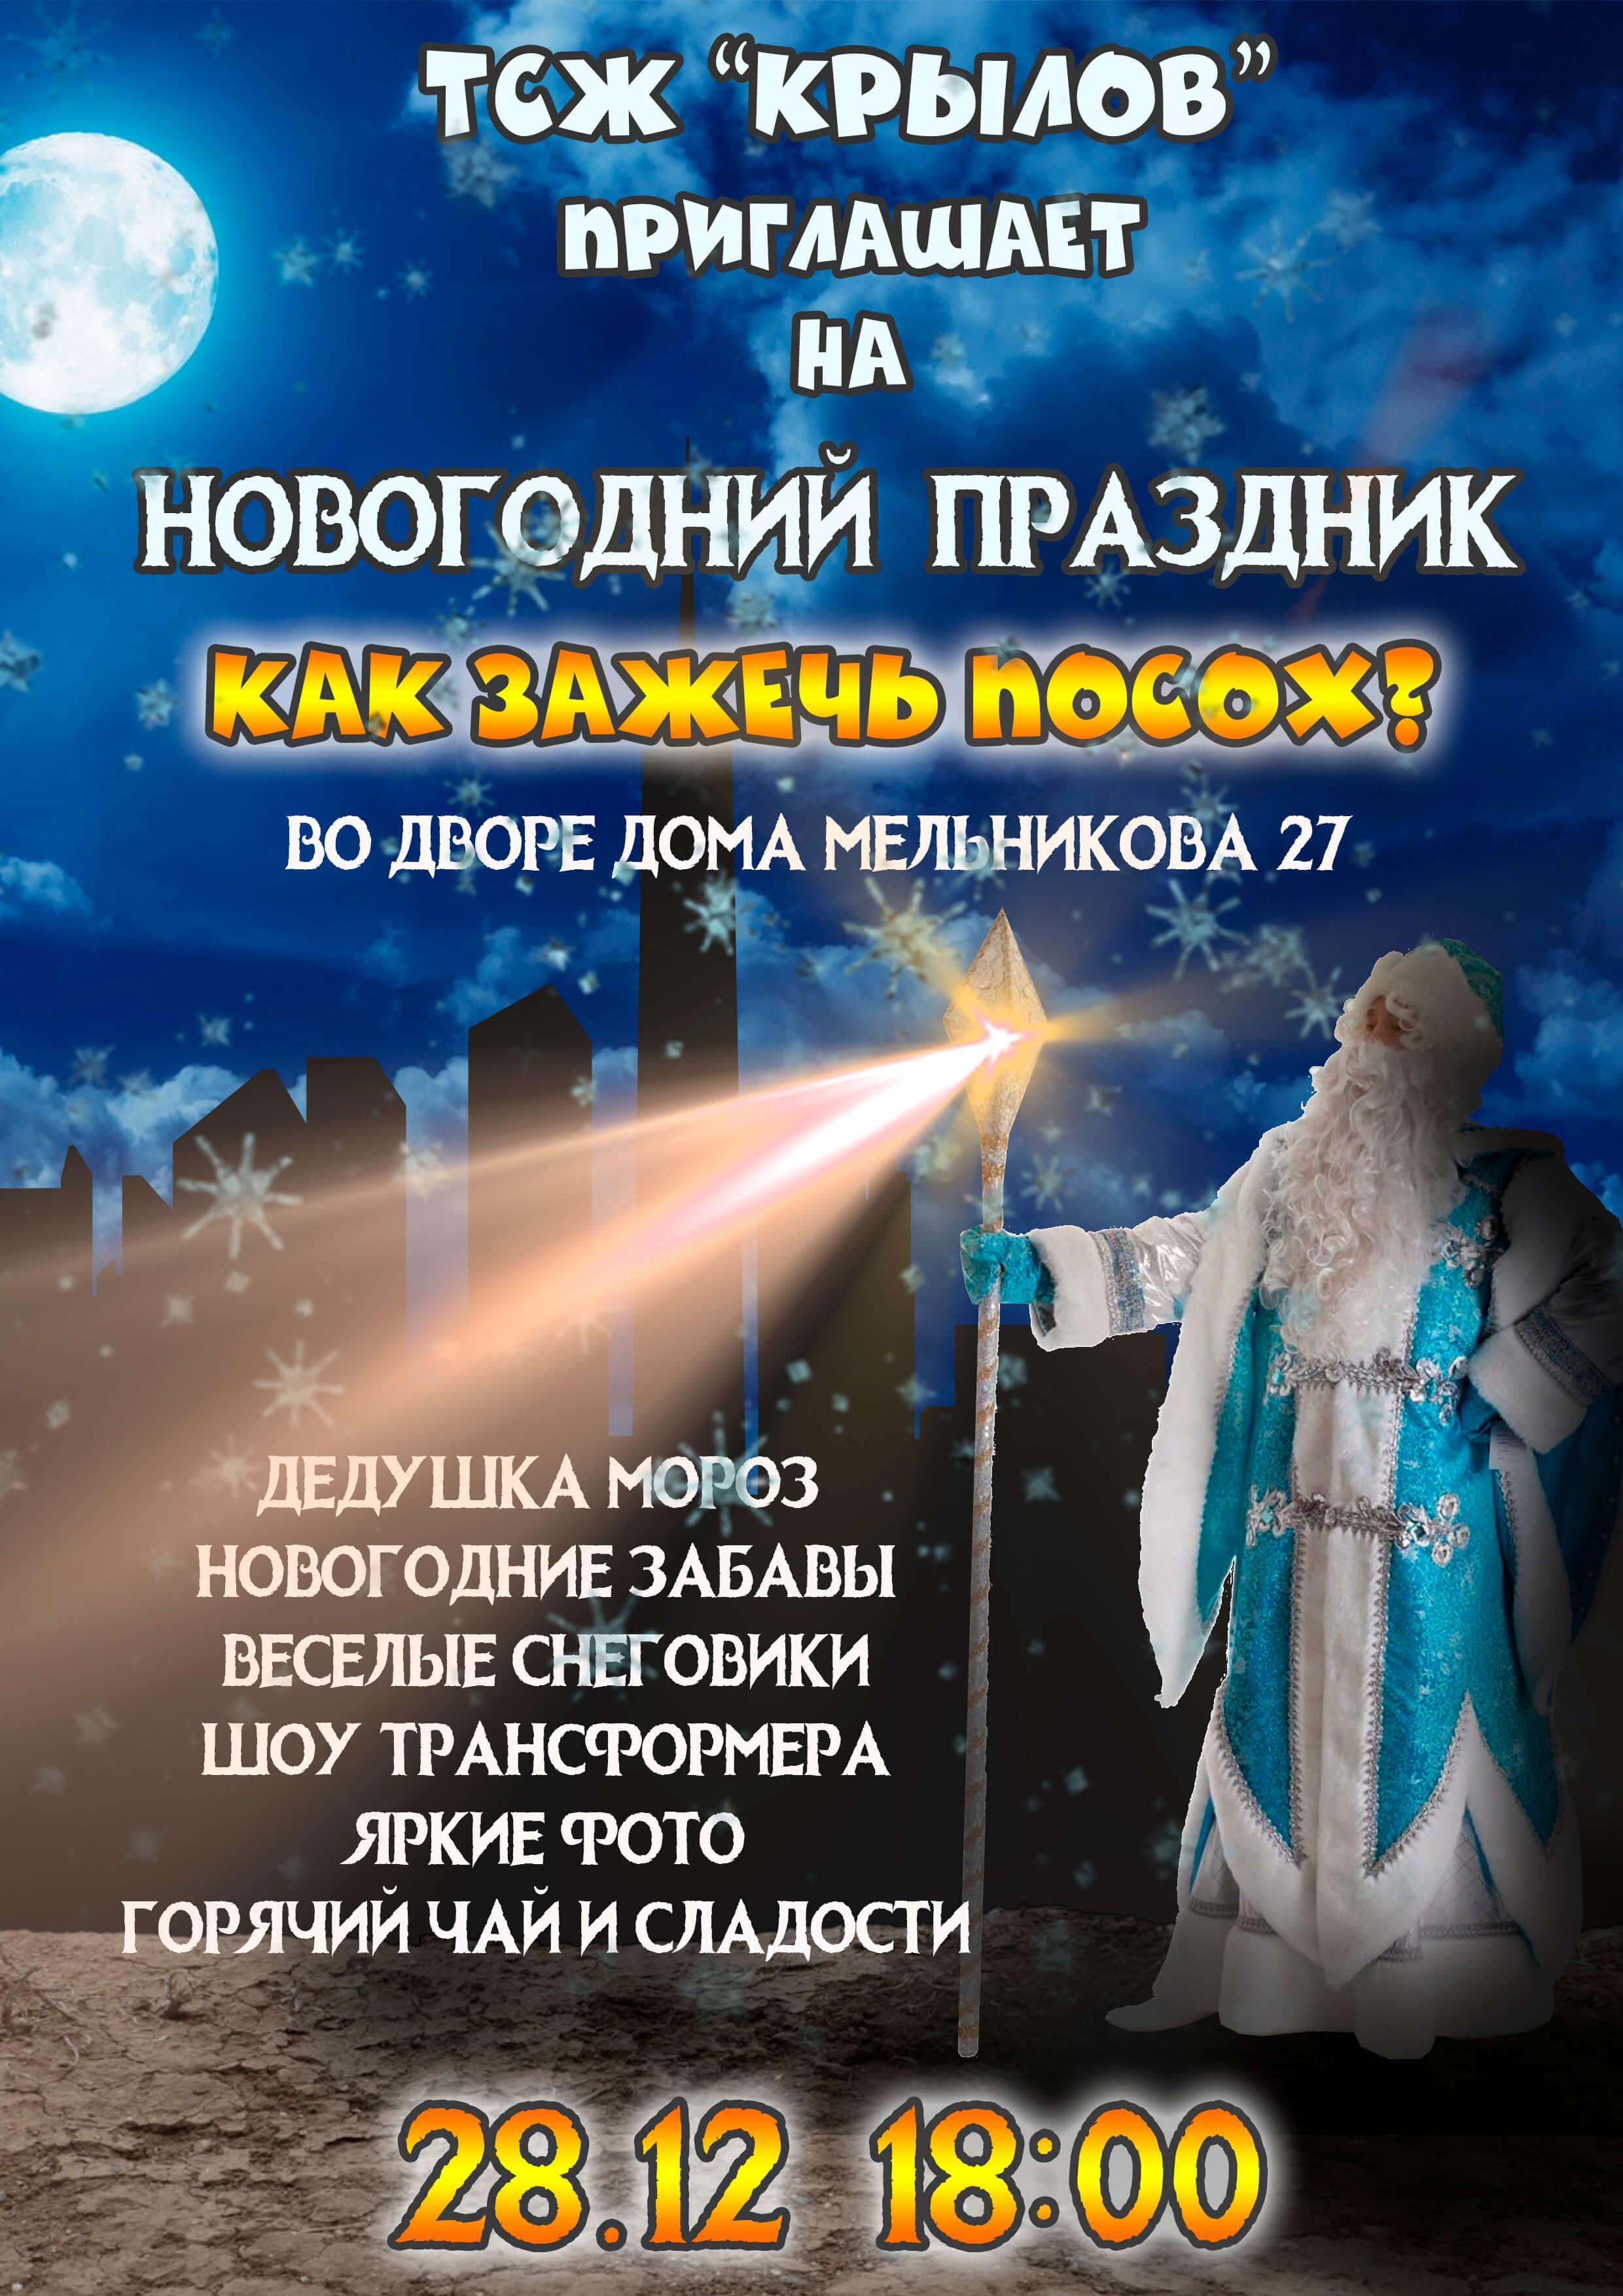 Афиша Крылов НГ